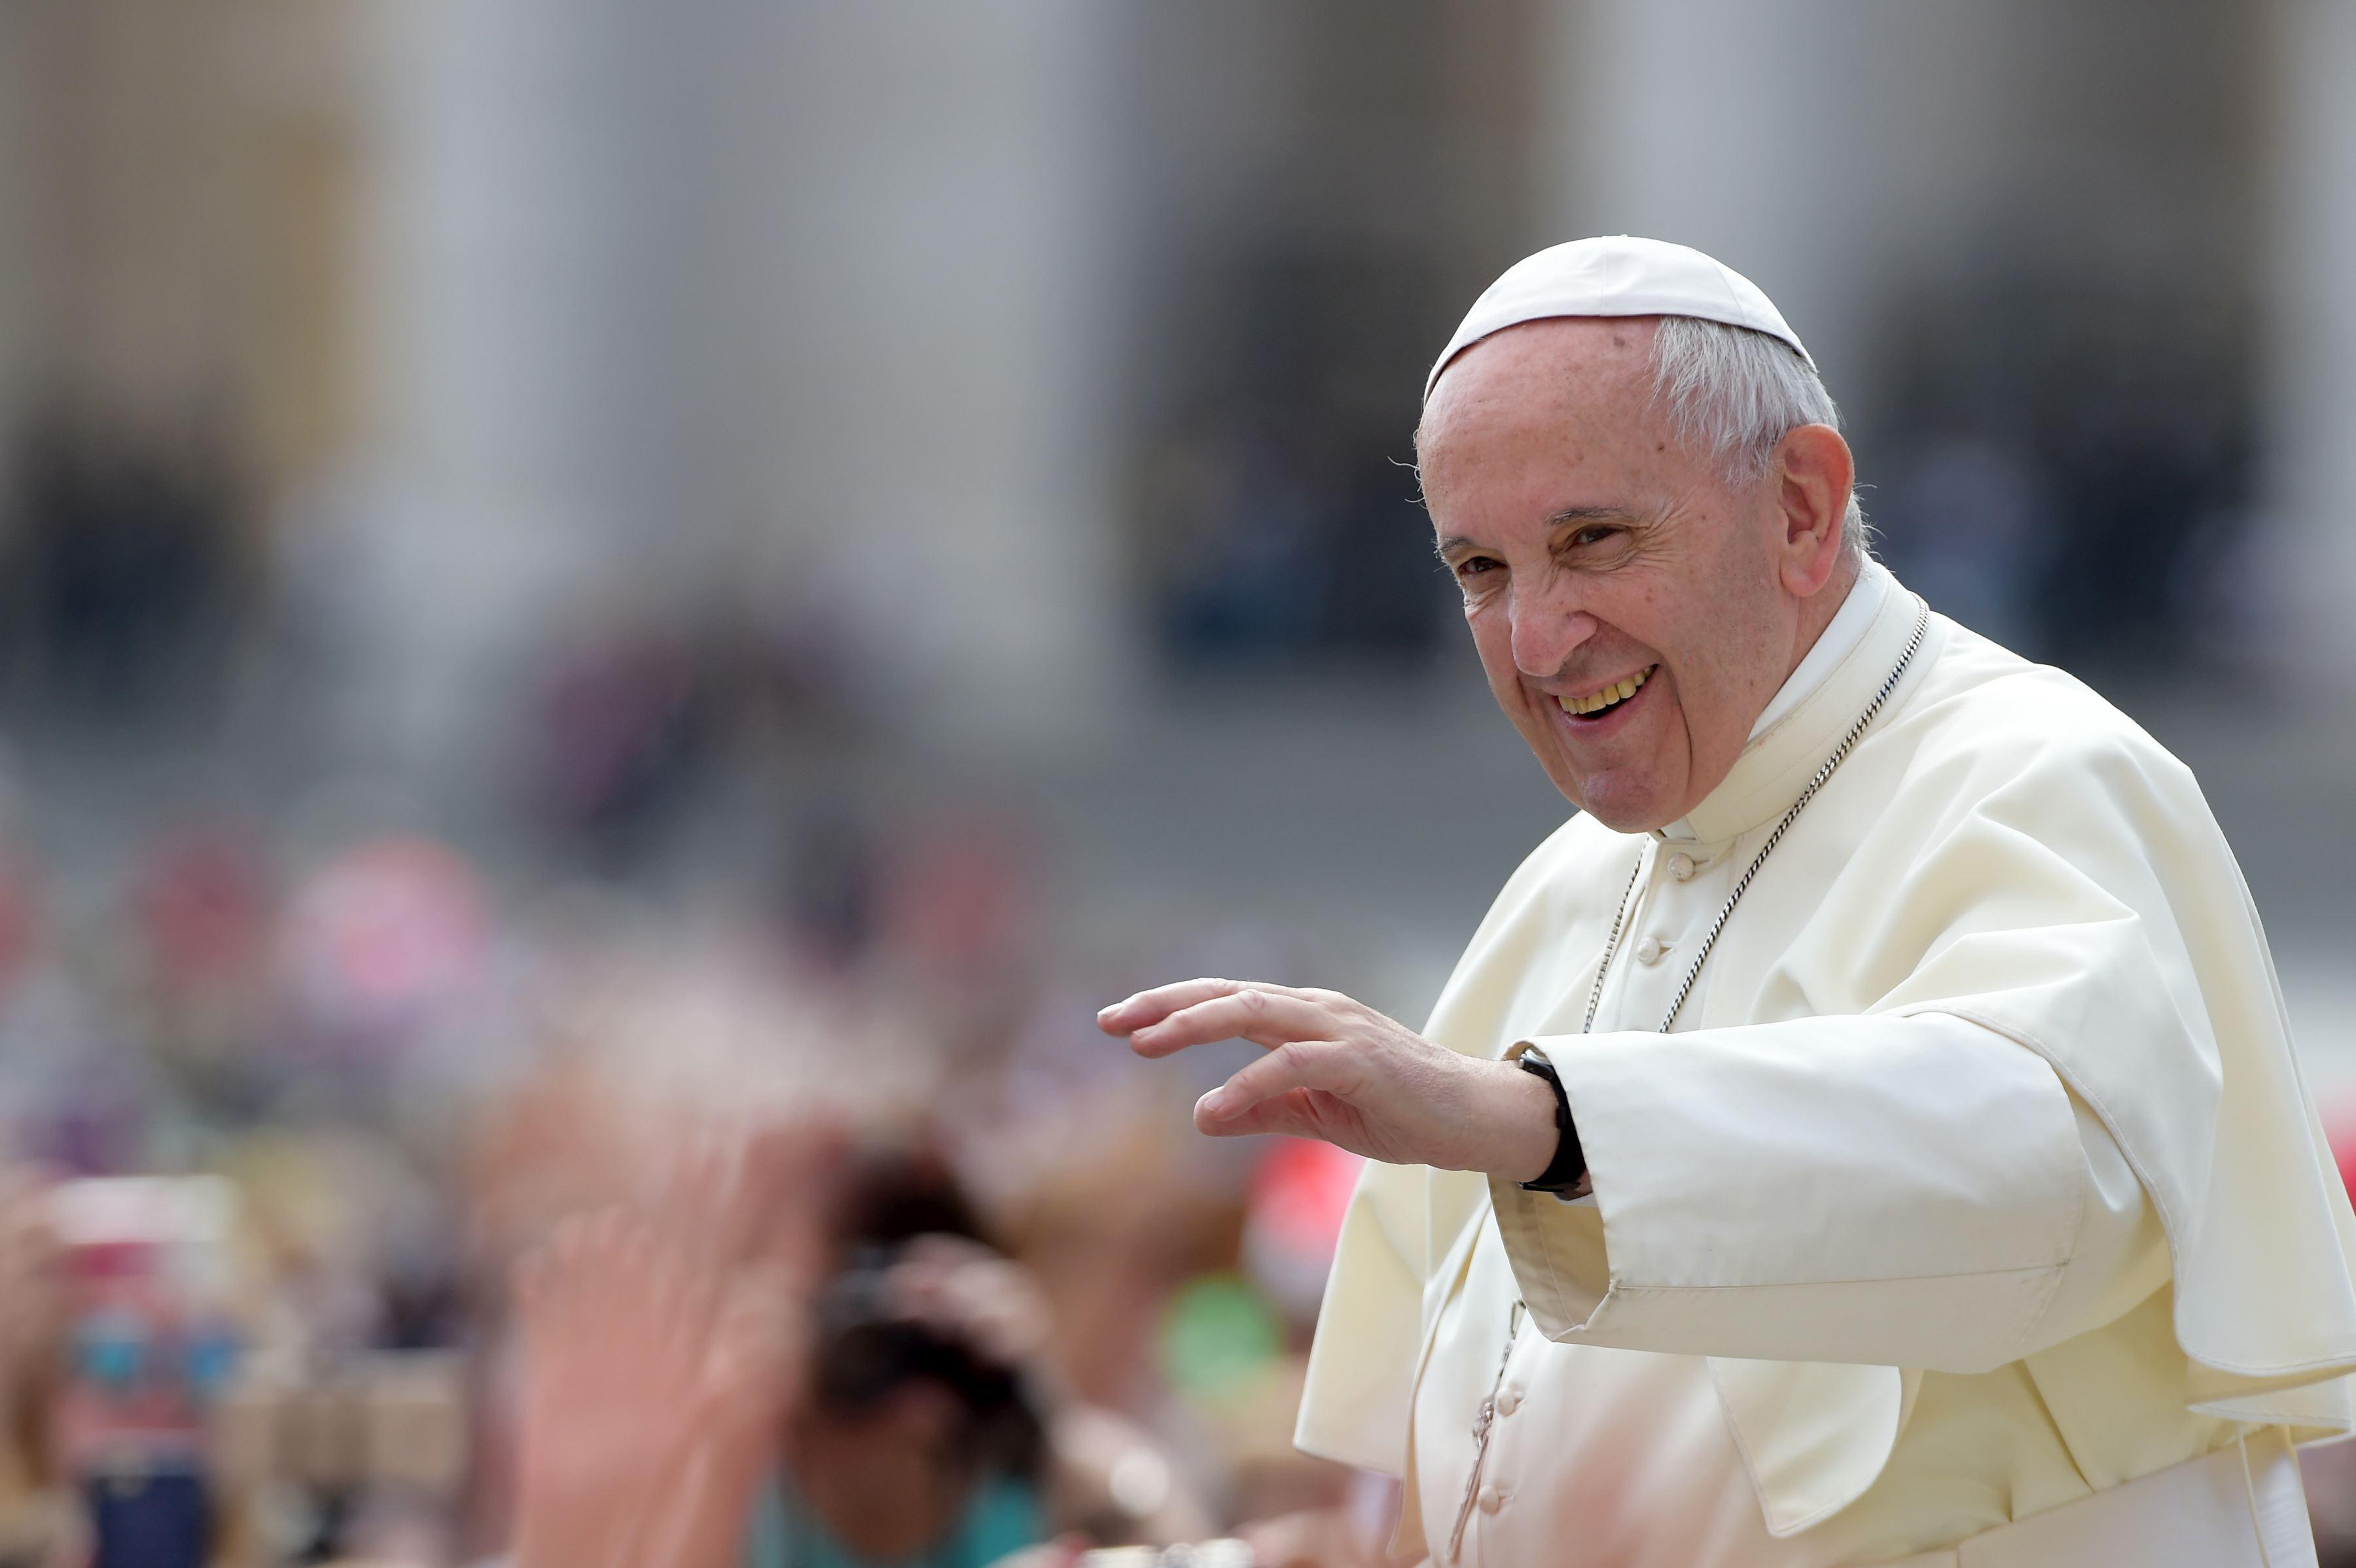 Papa Francisc a făcut un apel la toleranţă faţă de situaţia milioanelor de migranţi `alungaţi din ţara lor`